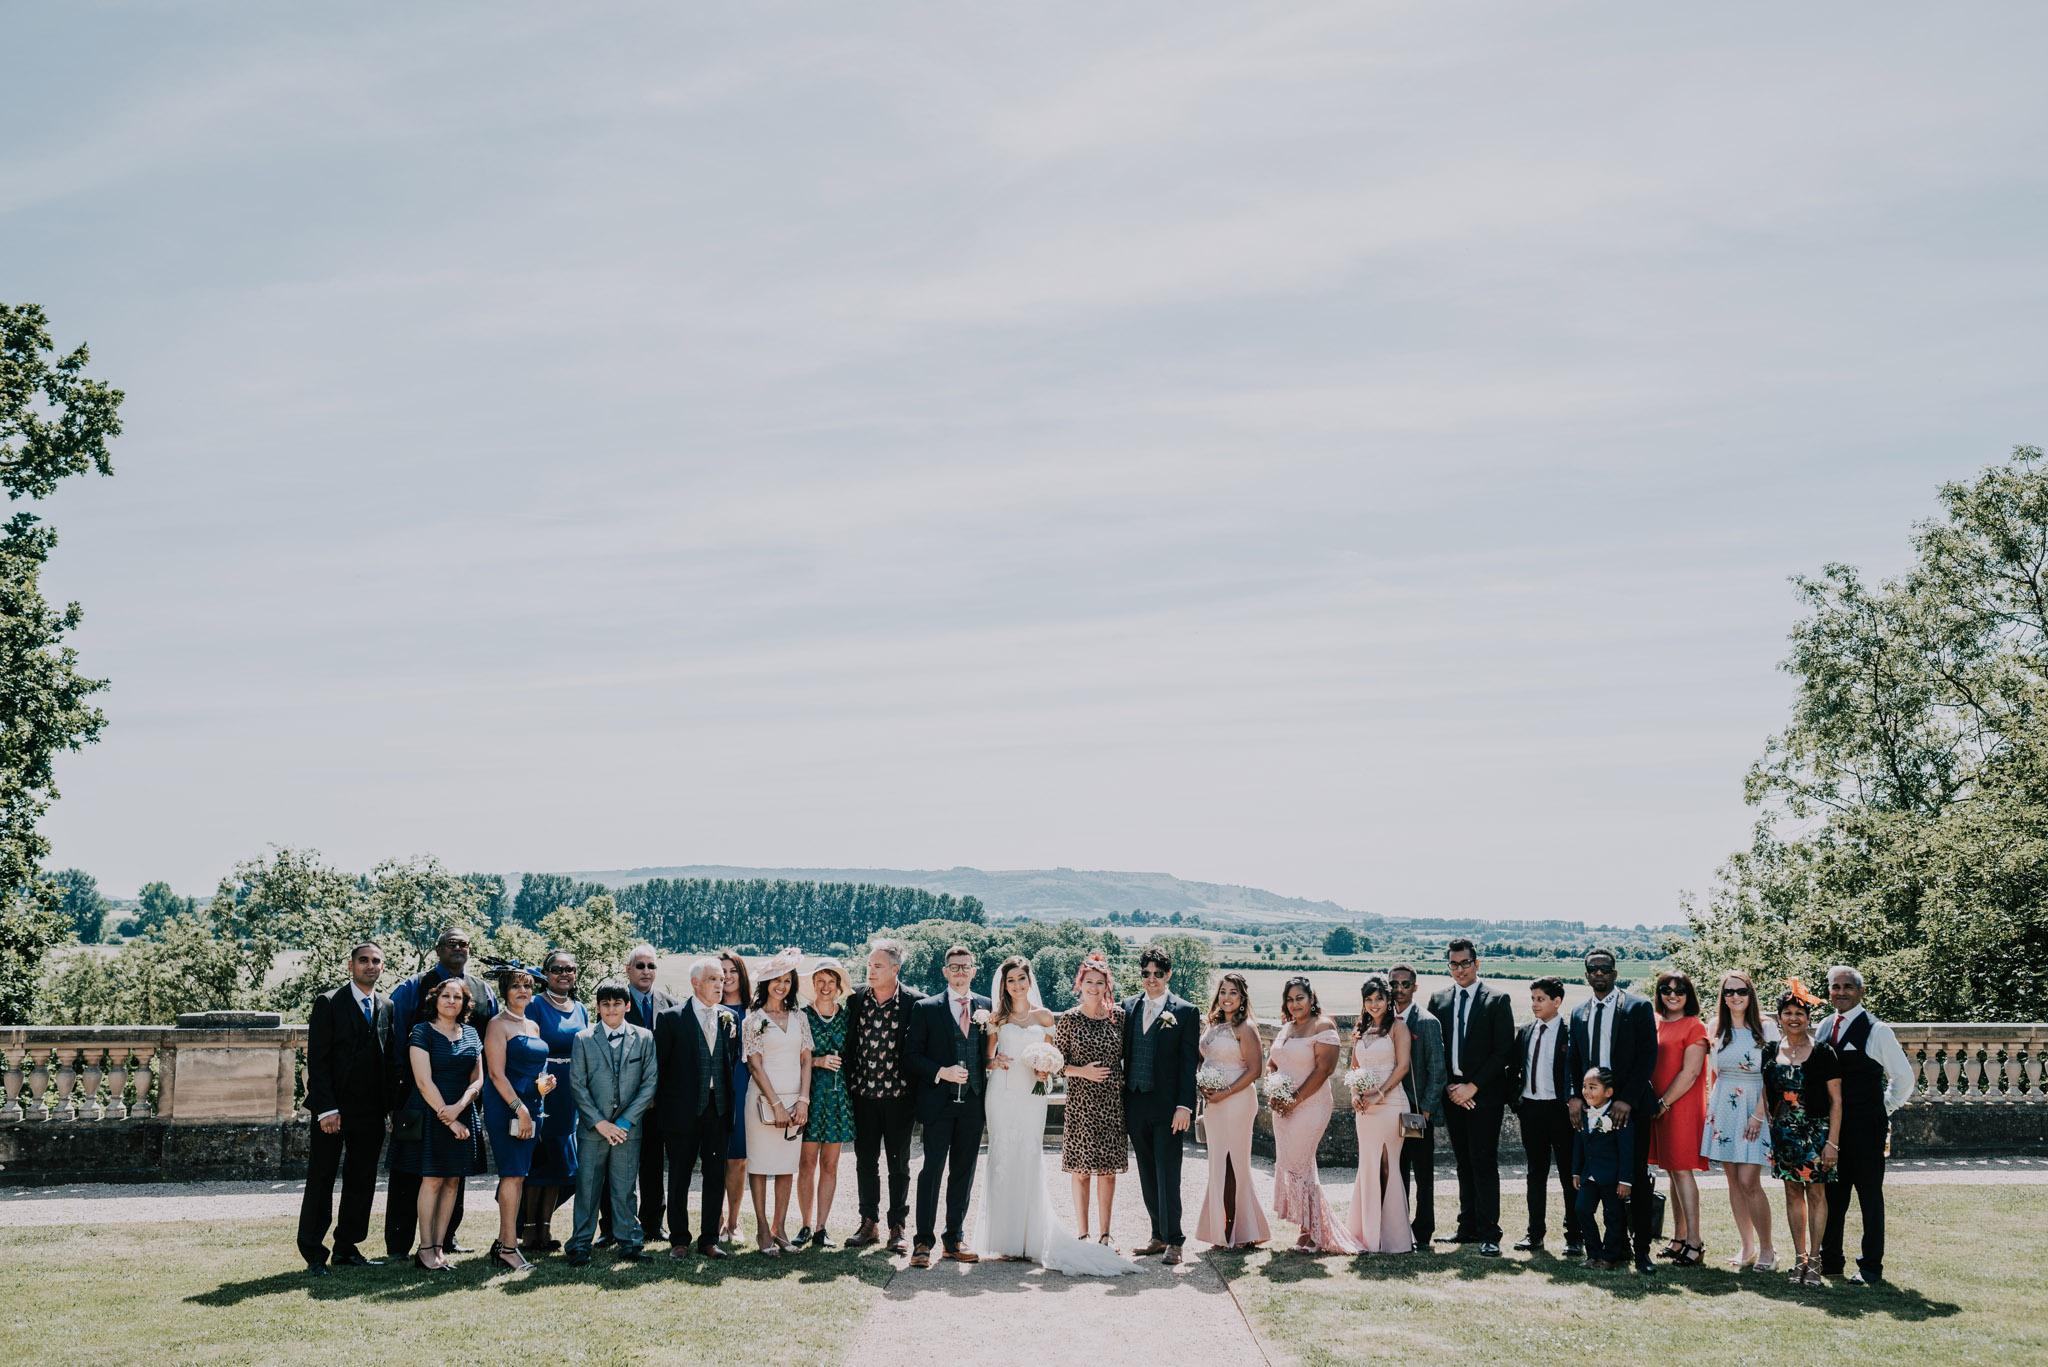 scott-stockwell-wedding-photographer-wood-norton-evesham222.jpg